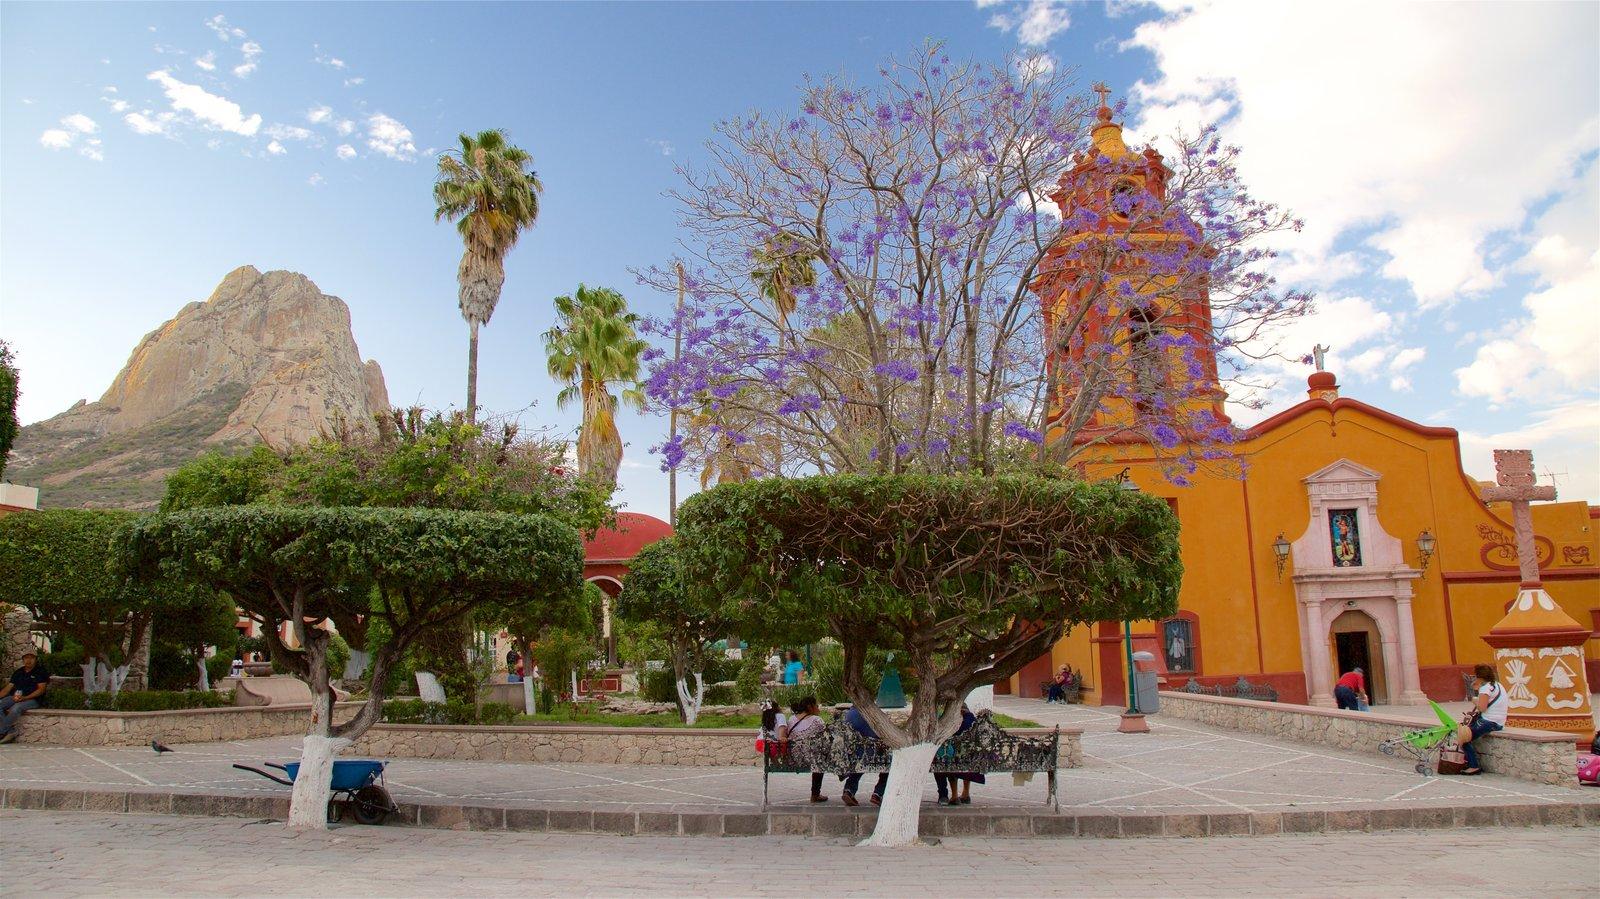 Bernal que inclui uma praça ou plaza, flores silvestres e montanhas